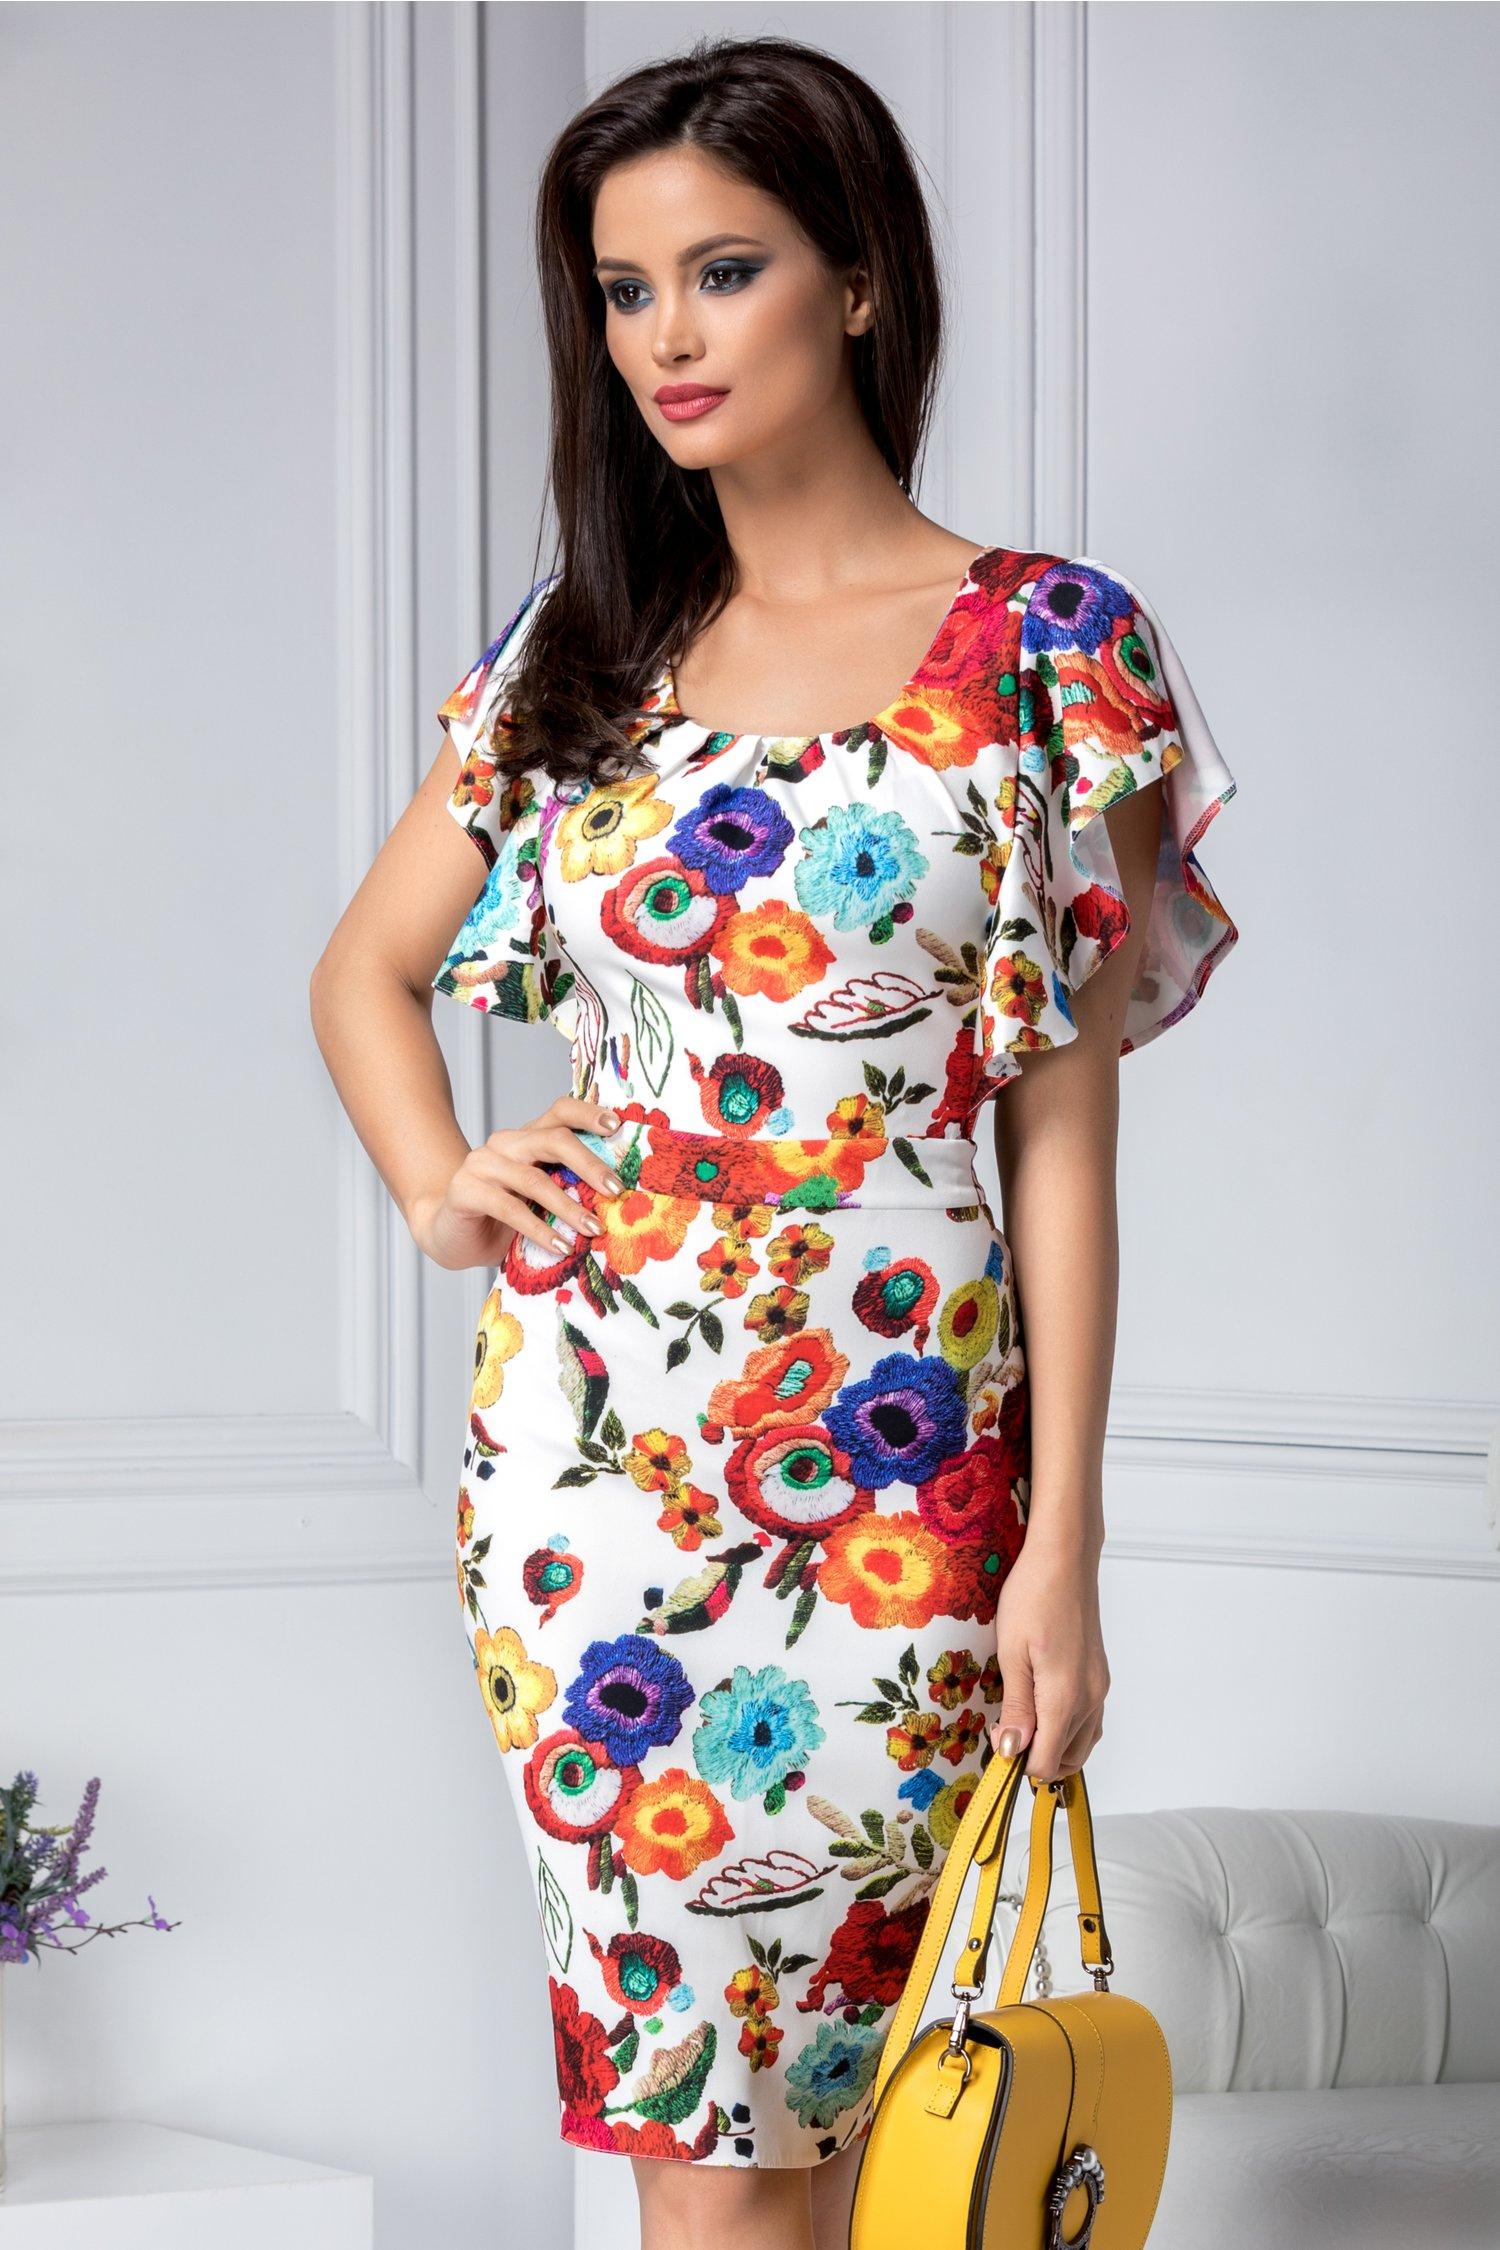 Rochie Alberta conica cu imprimeu floral colorat